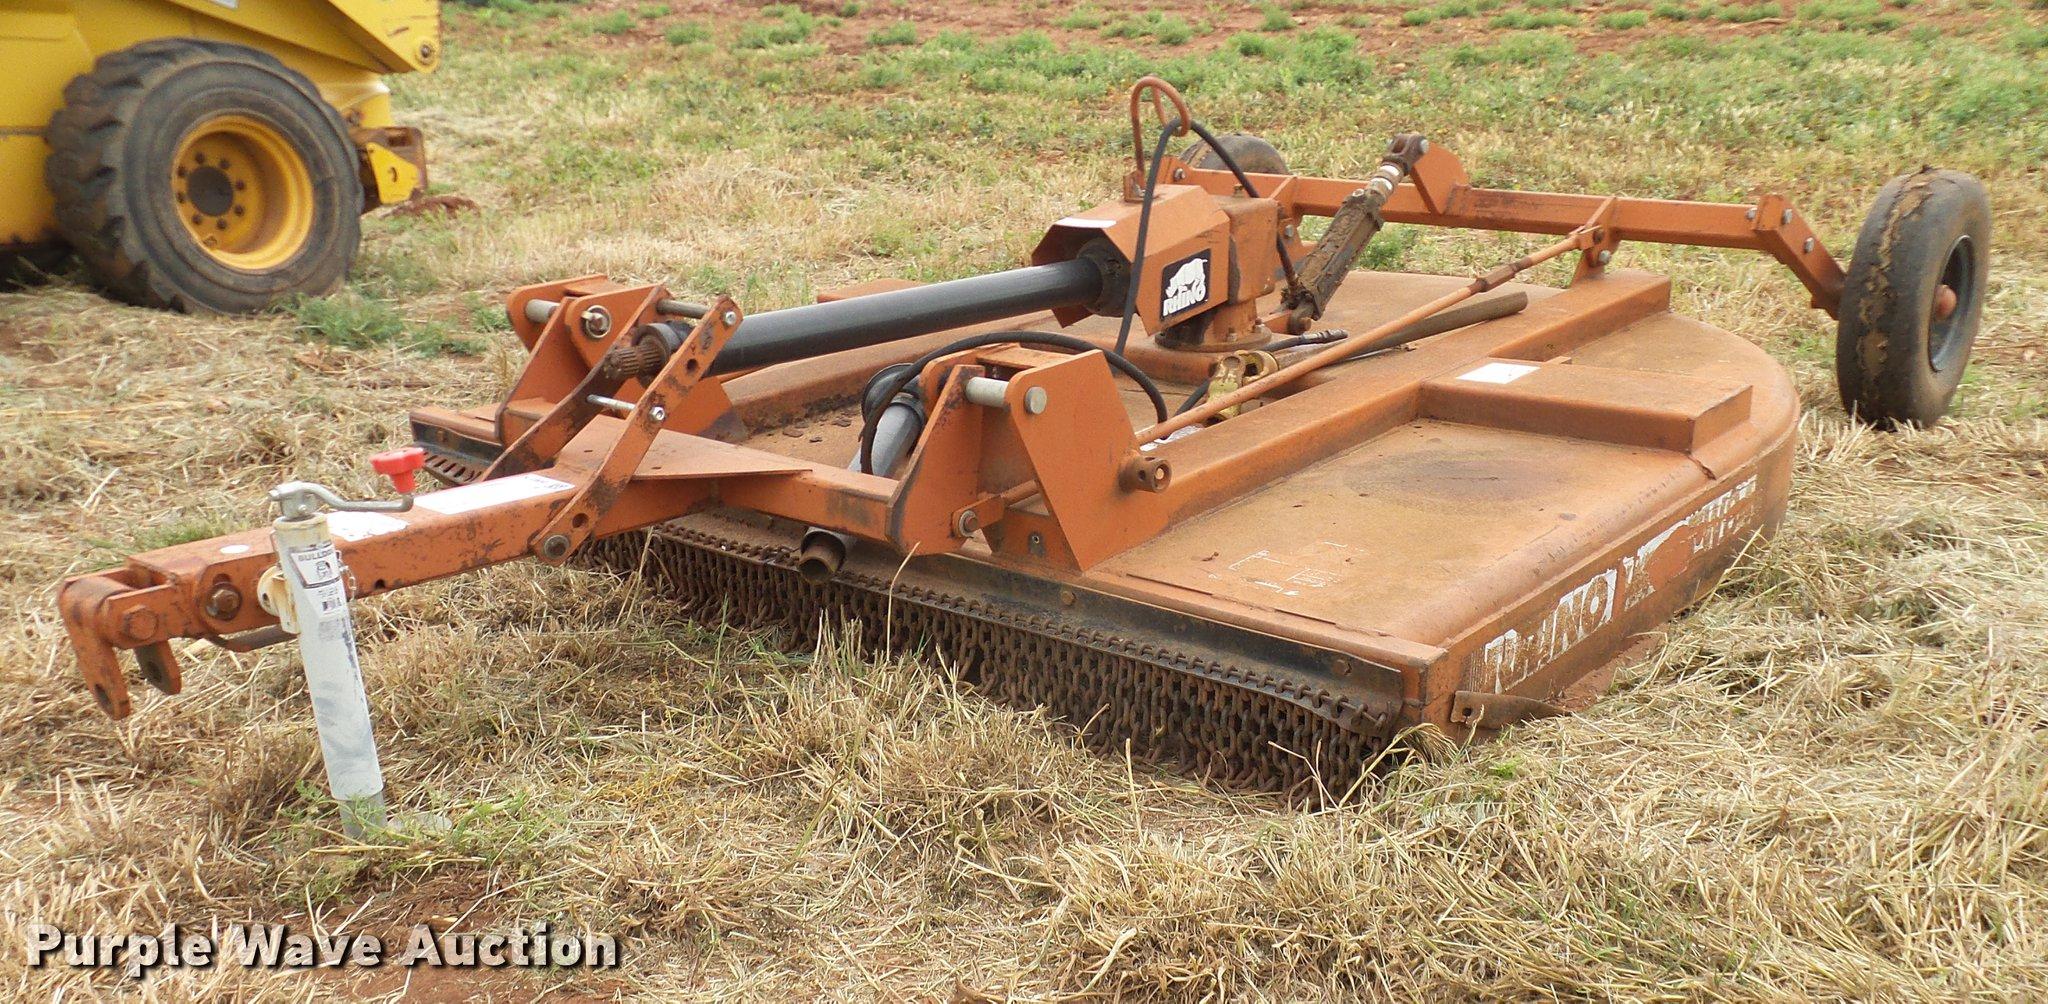 Rhino TW84 rotary mower | Item DD8179 | SOLD! July 11 Ag Equ